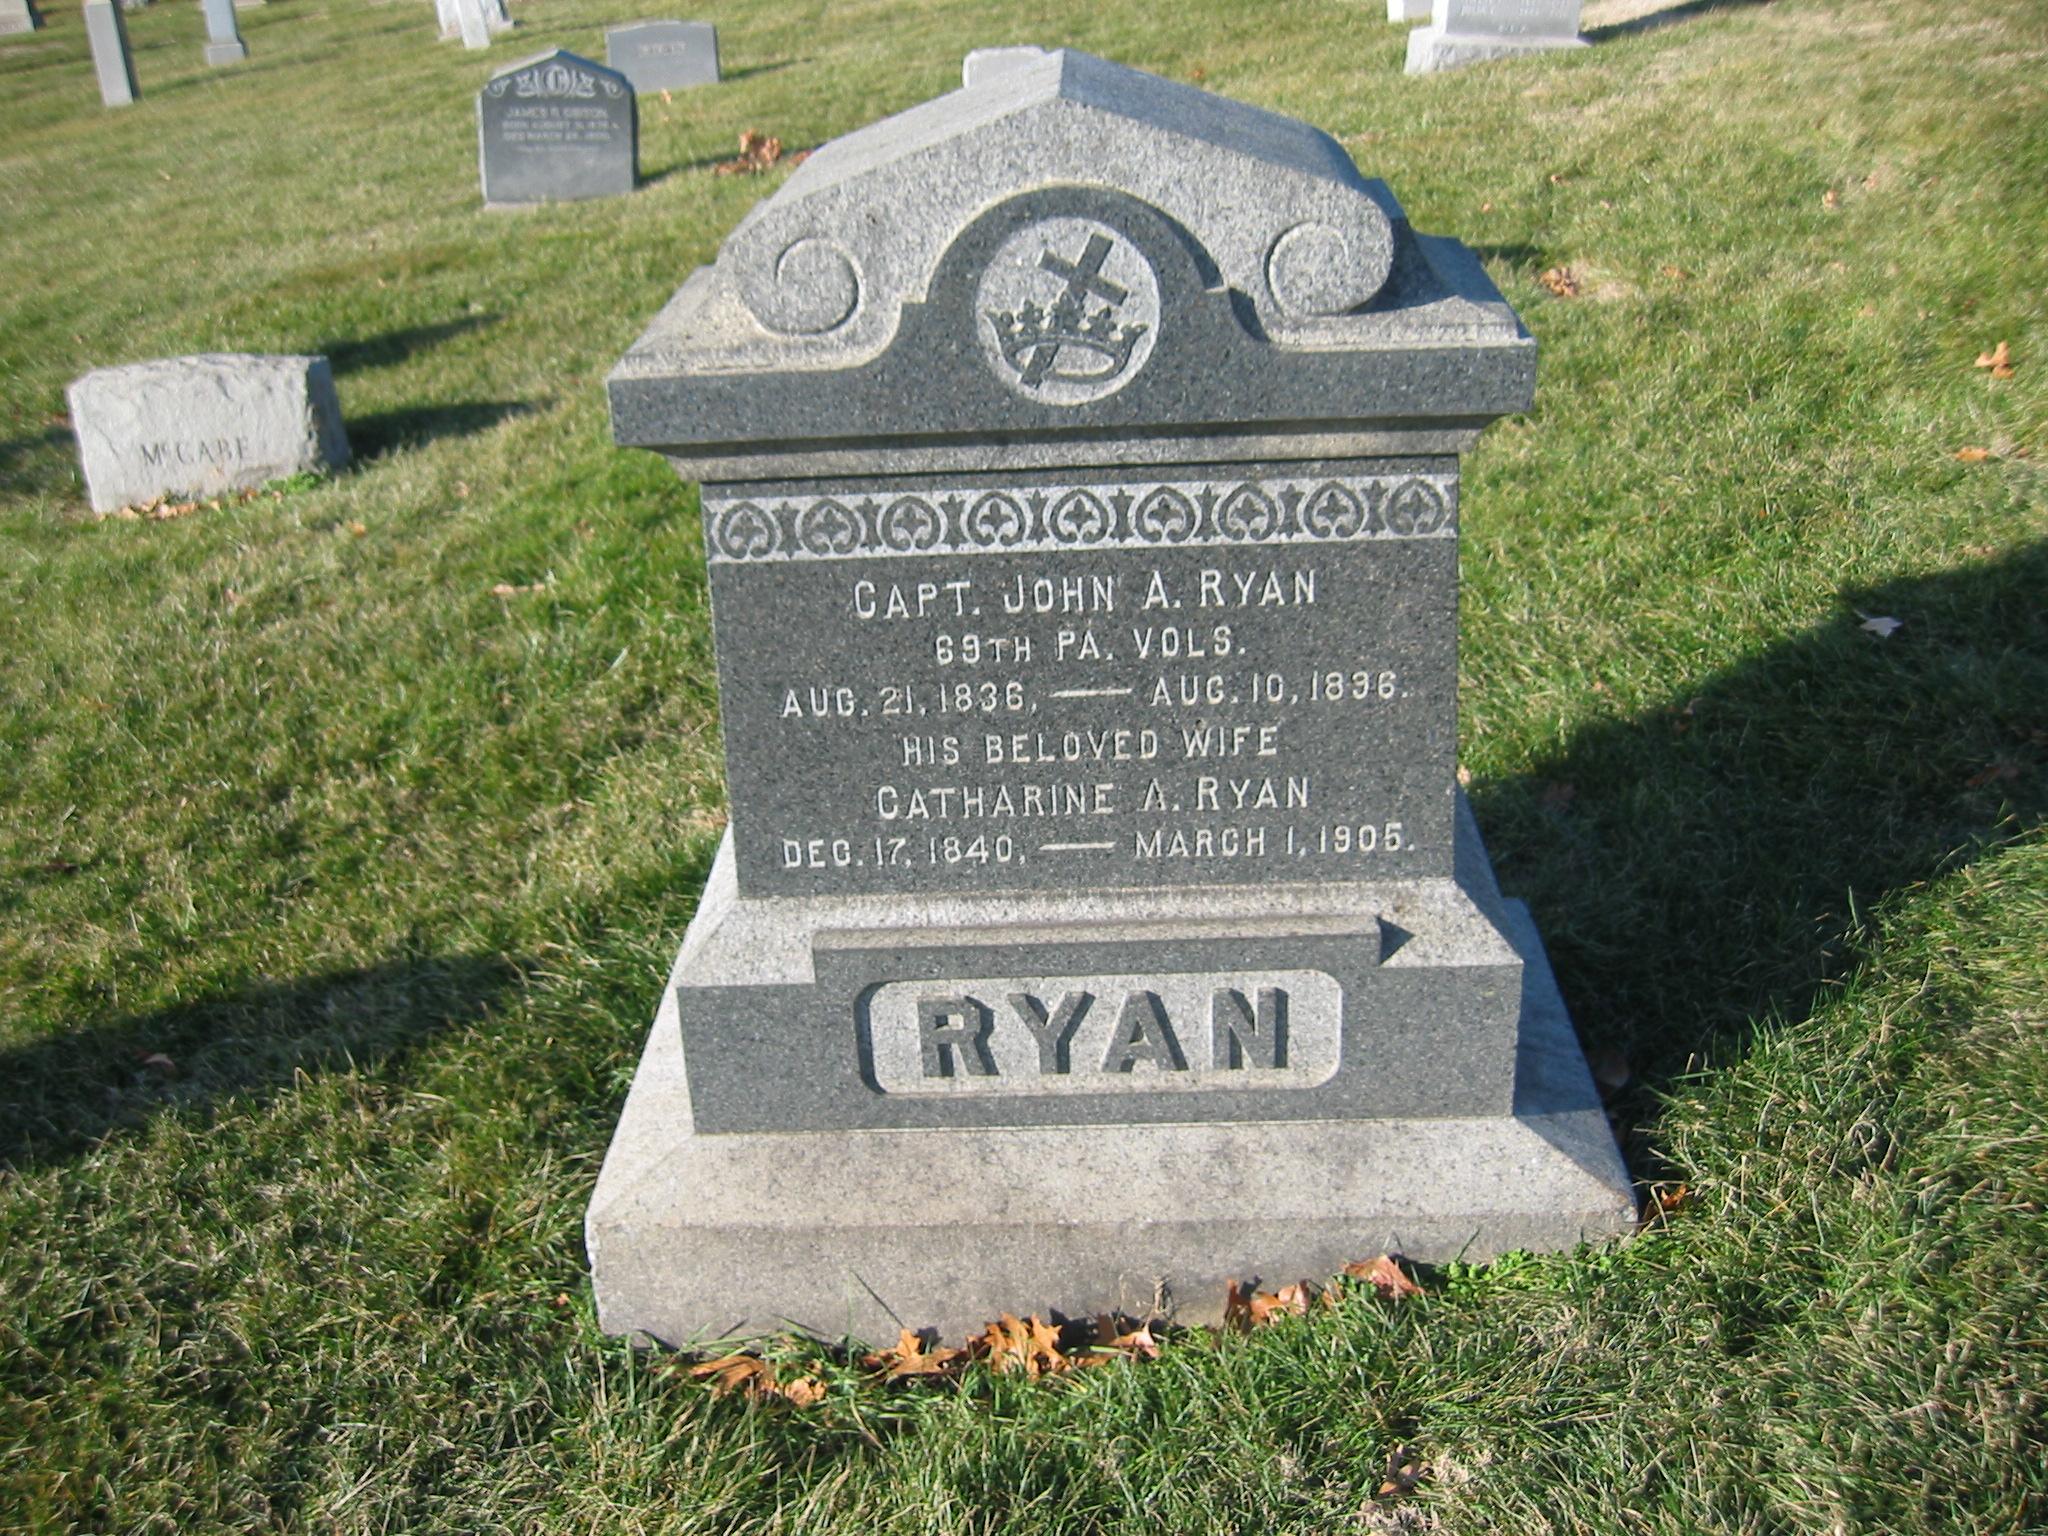 Ryan was captured at Gettysburg